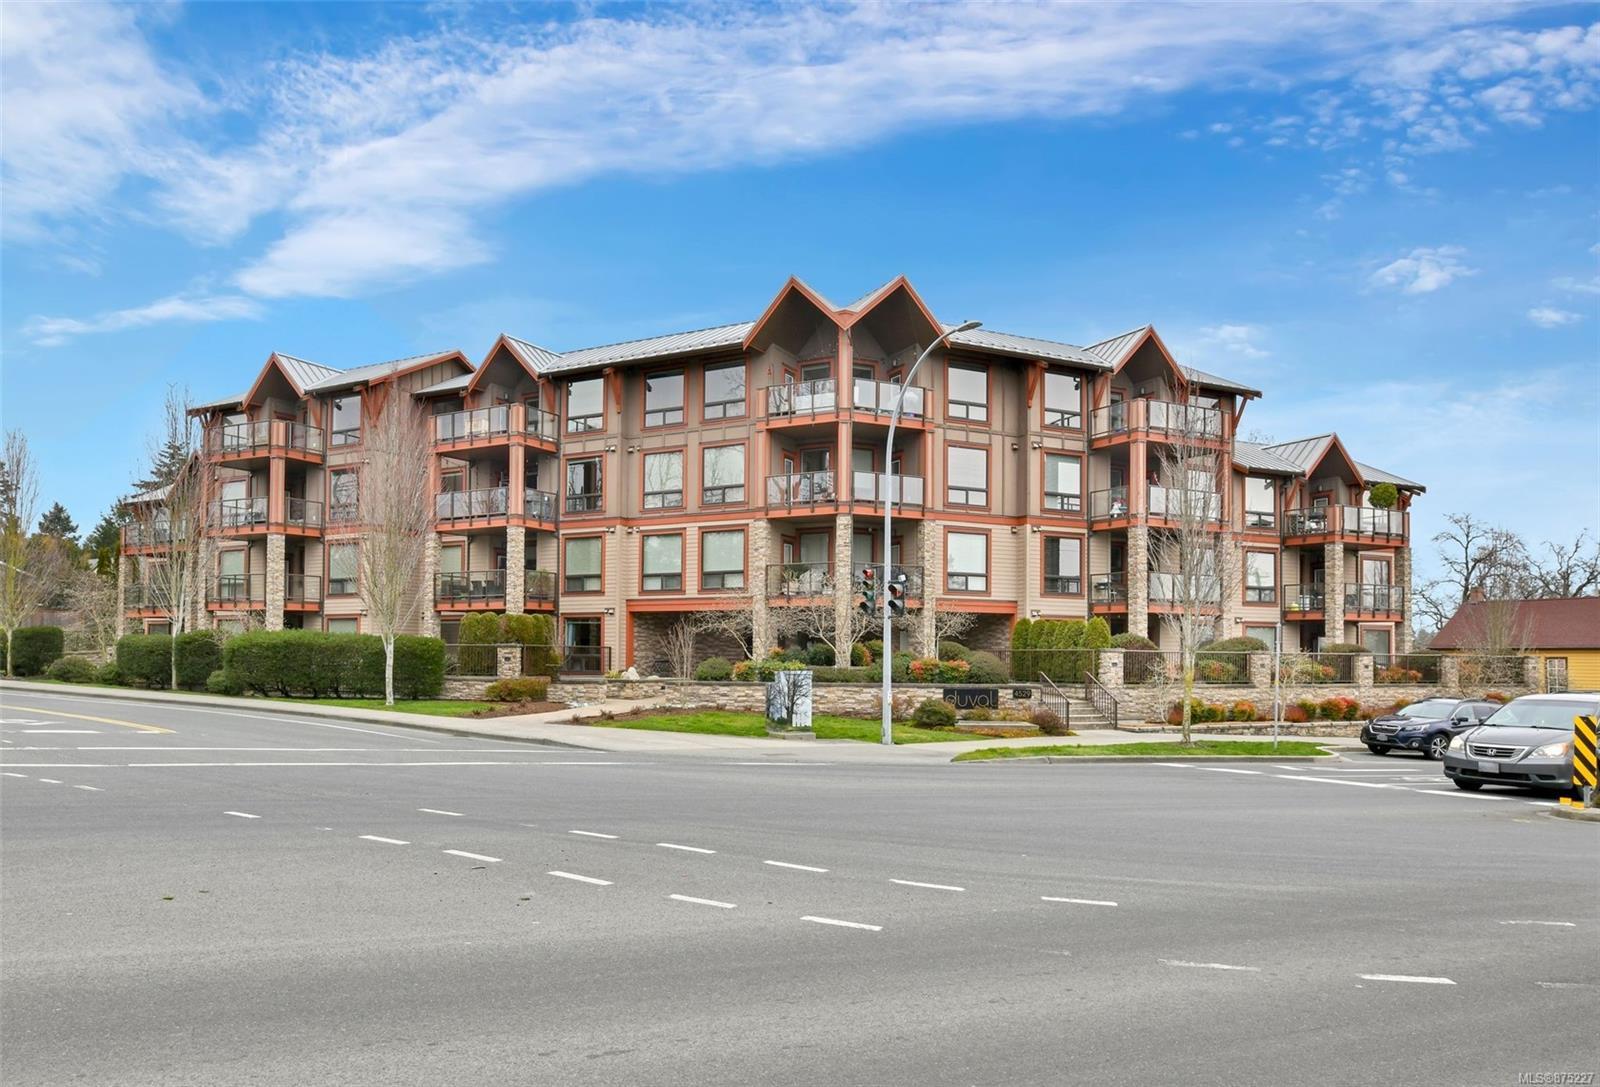 105 - 4529 West Saanich Road, Royal Oak, Saanich West